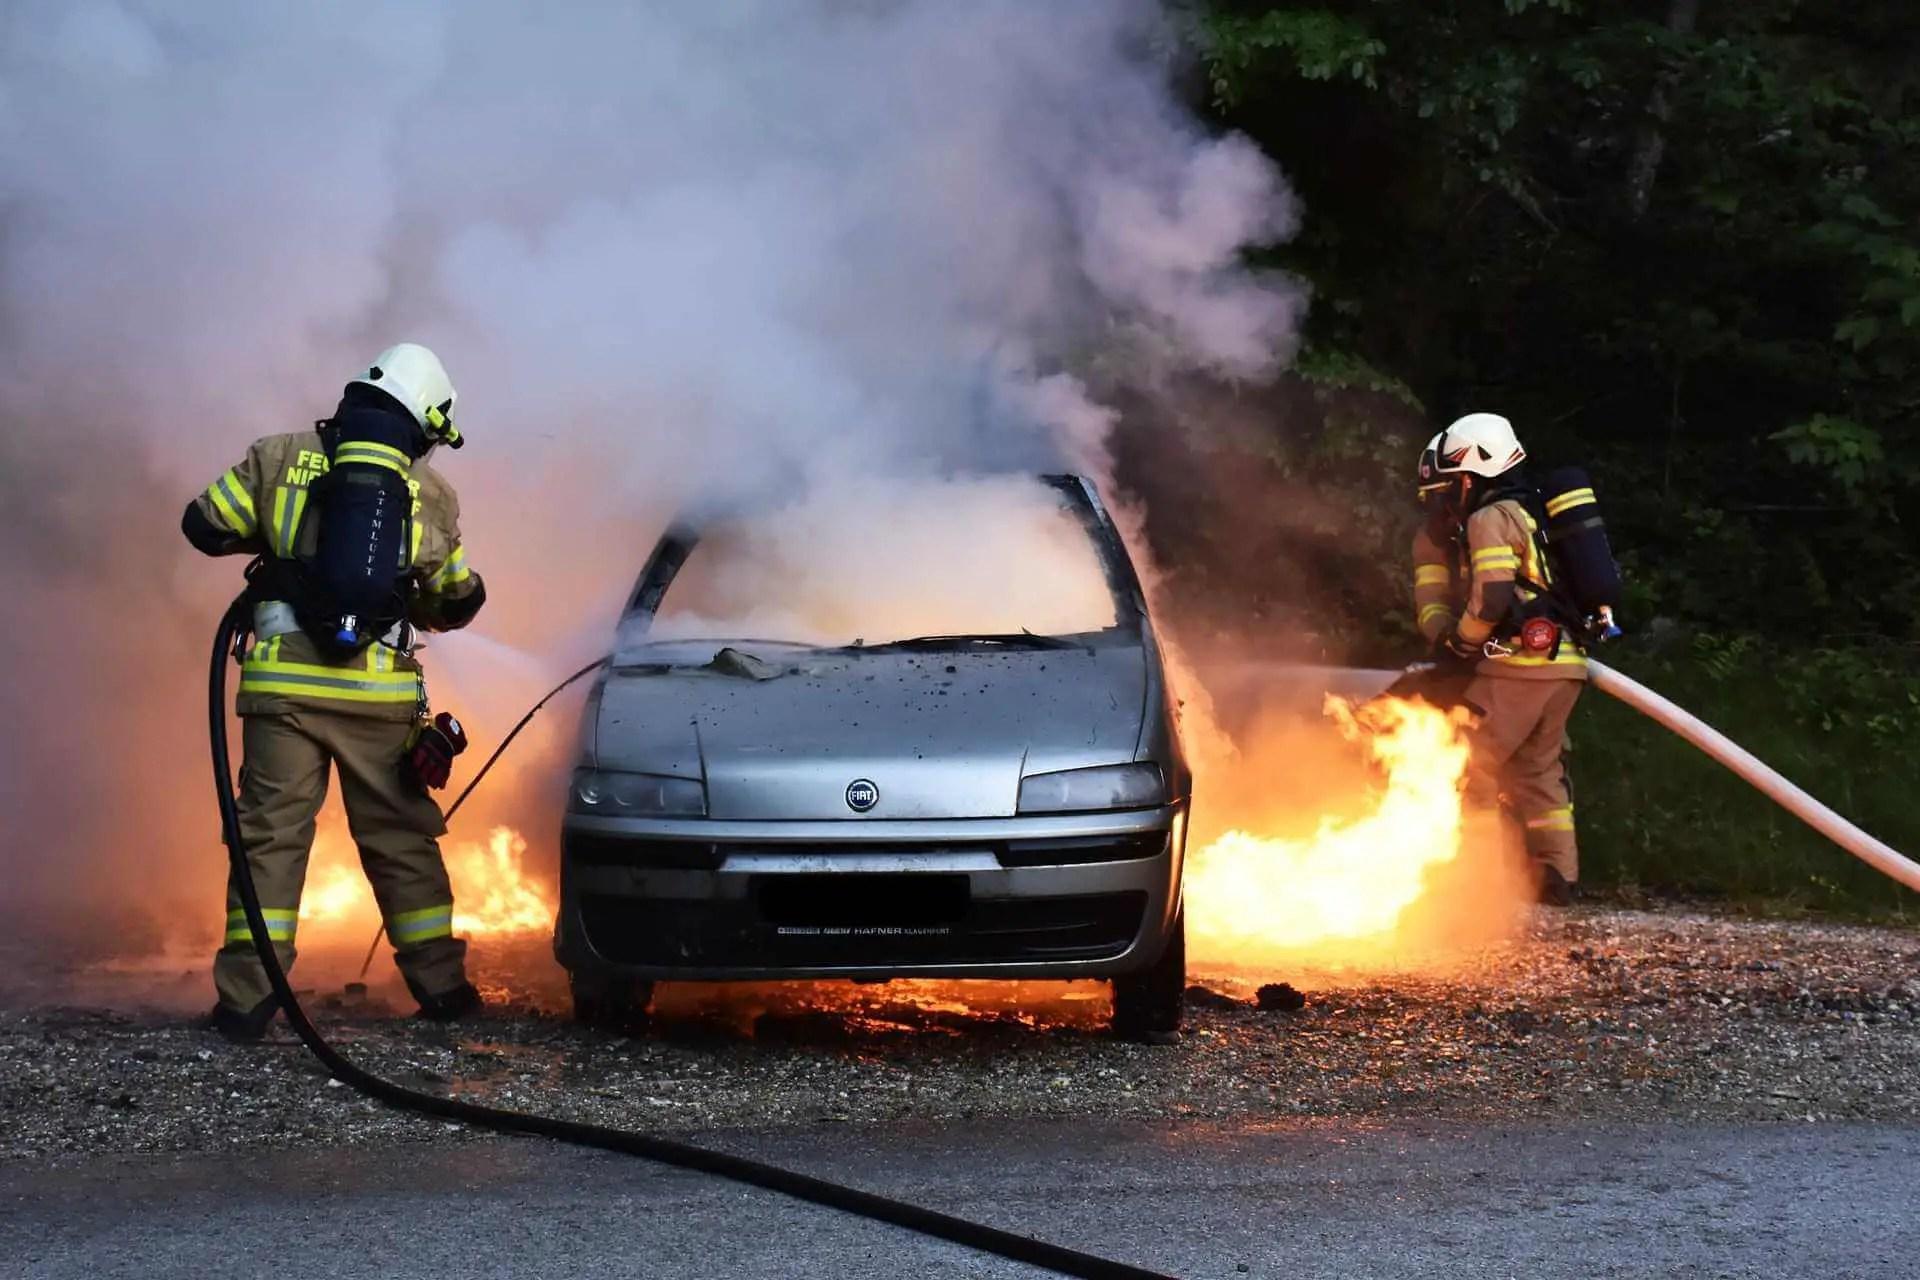 Feuerwehrkräfte löschen einen brennenden Pkw